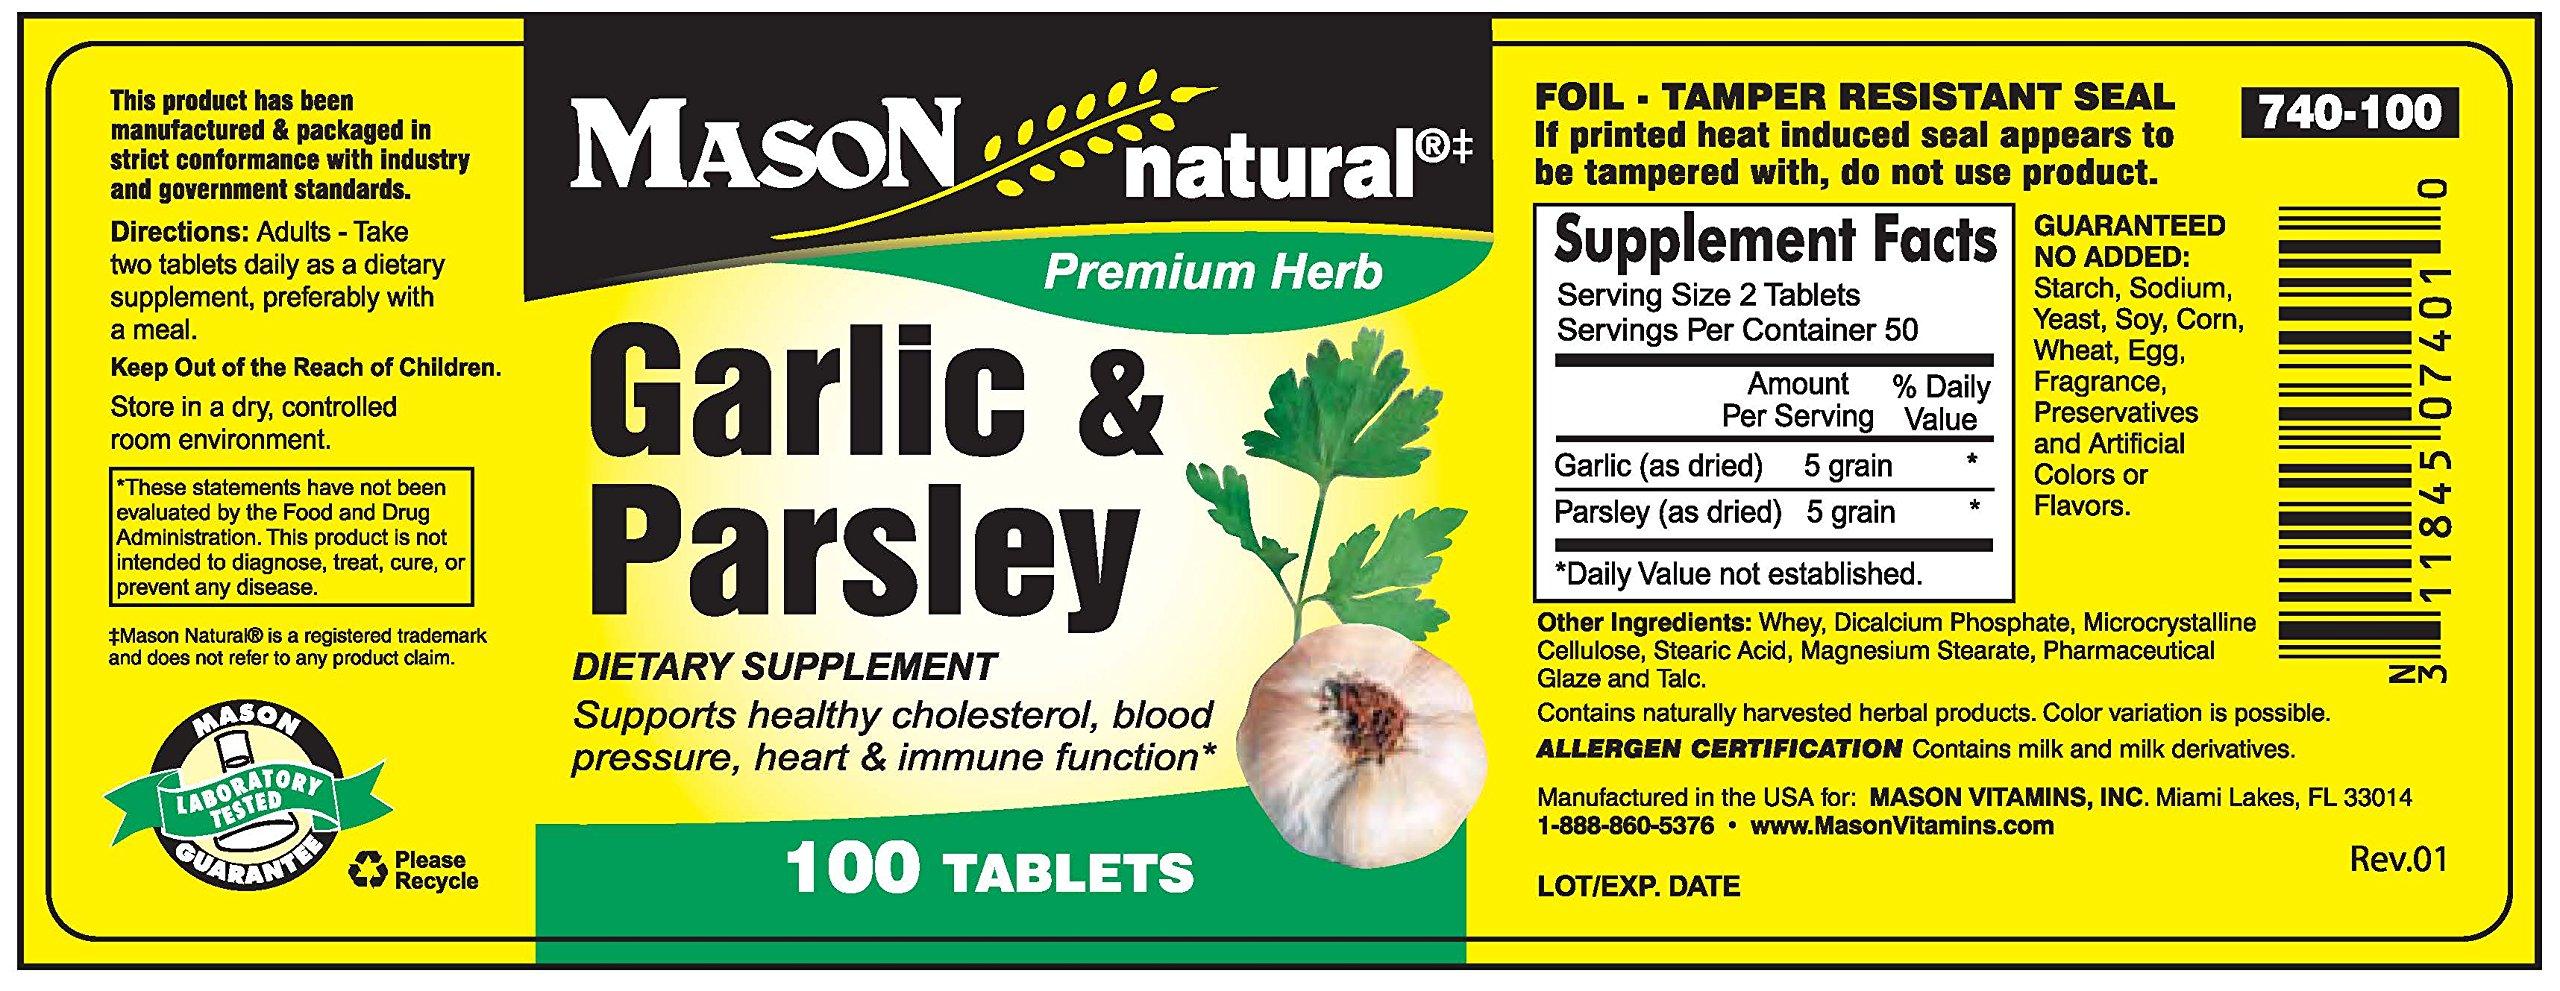 Mason Vitamins Garlic & Parsley Tablets, 60 Count by Mason Vitamins (Image #1)